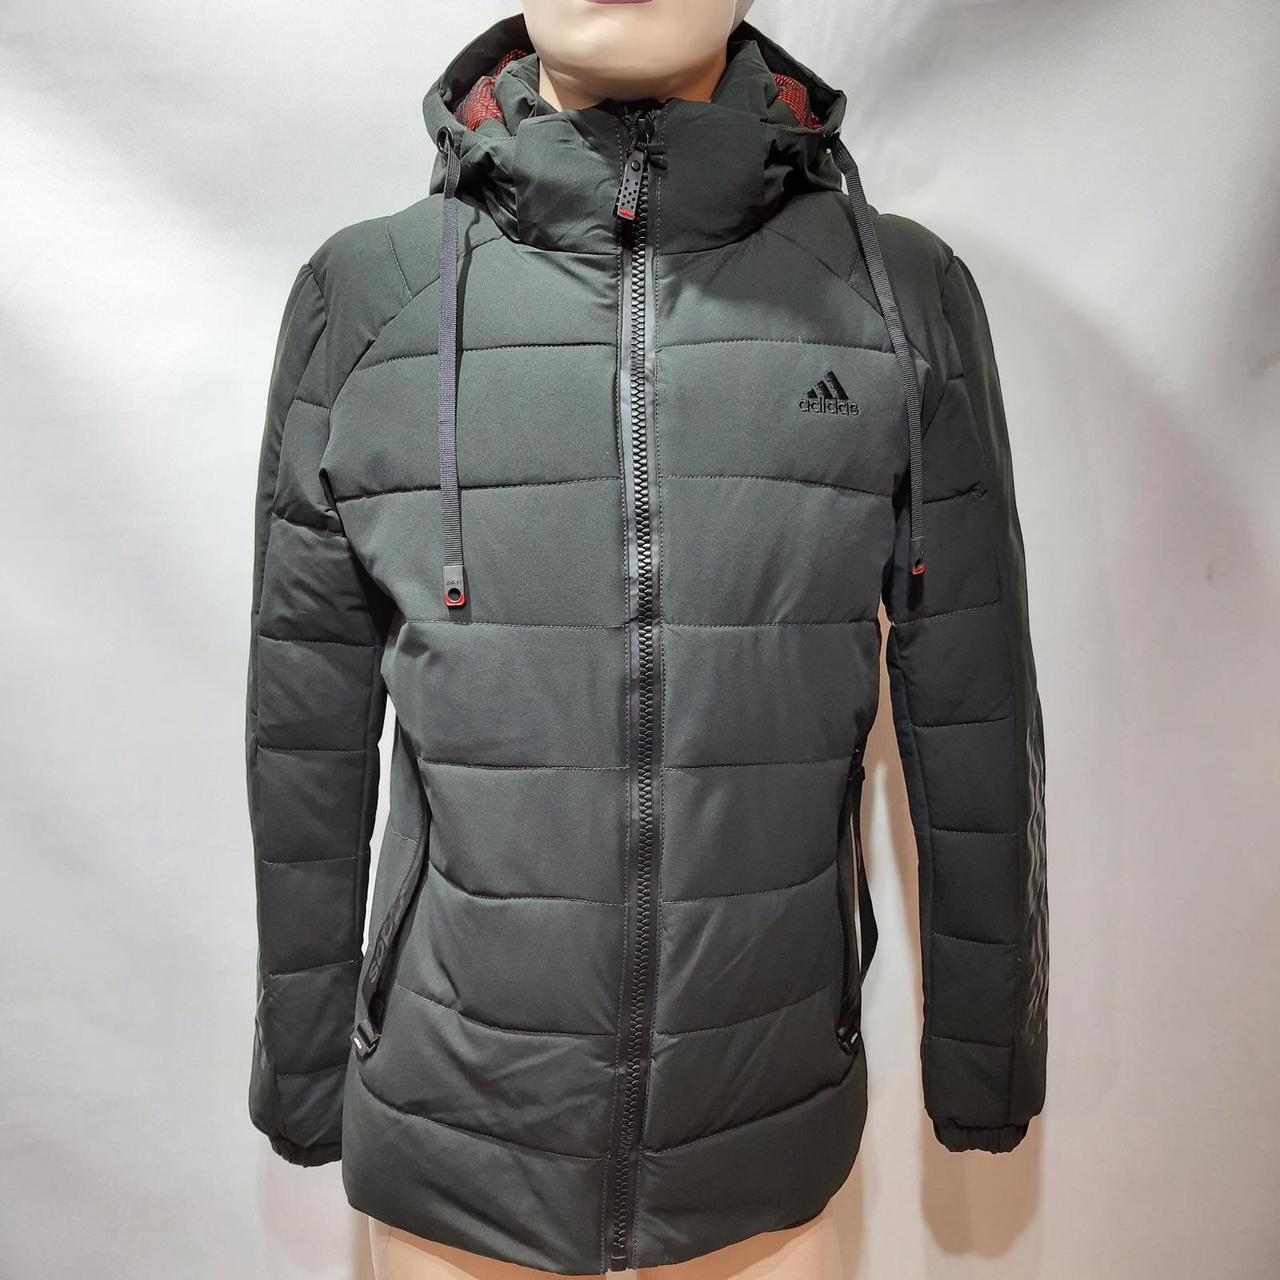 56 р. Зимняя мужская куртка тепла на флисе последняя осталась